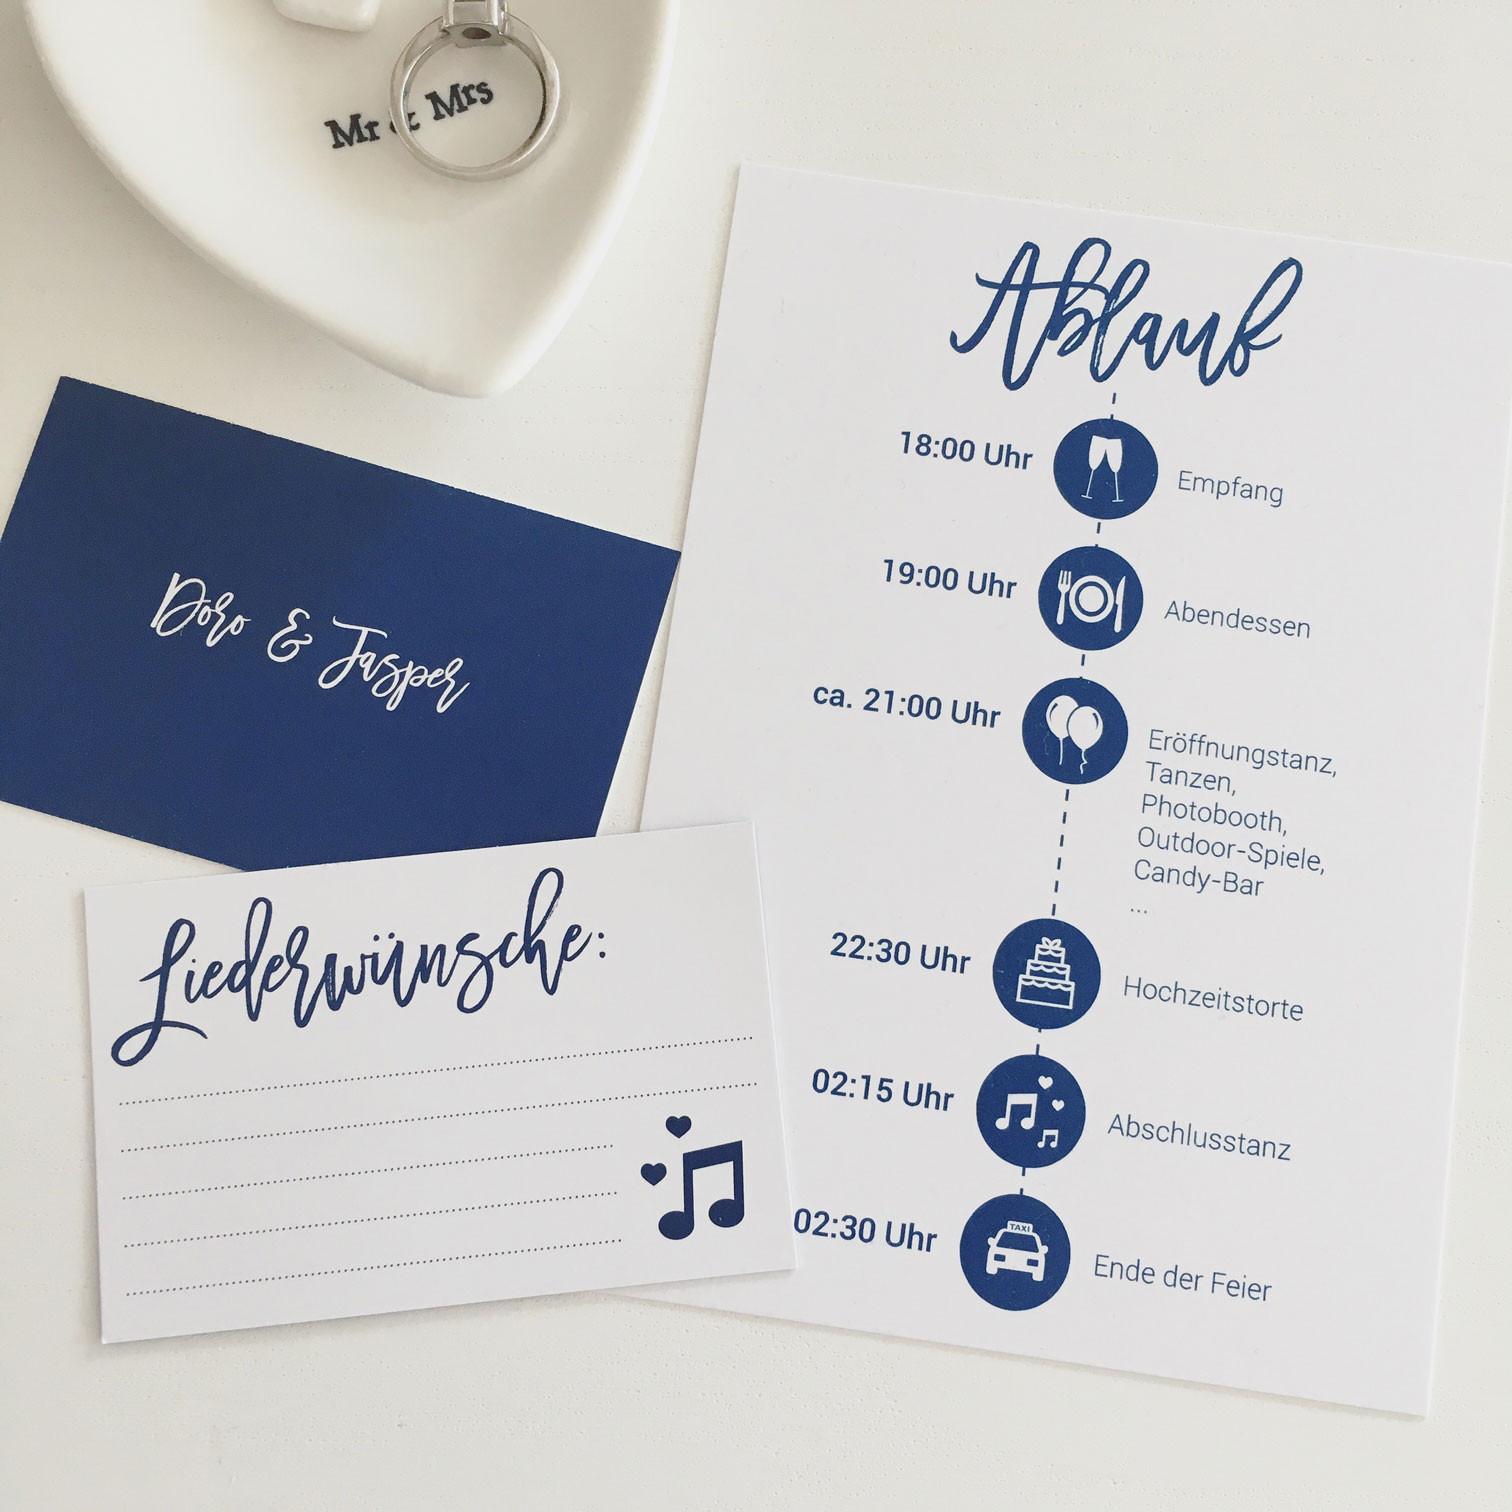 Hochzeit Ablauf  Unsere Hochzeits Printsachen & Tipps wirheiraten